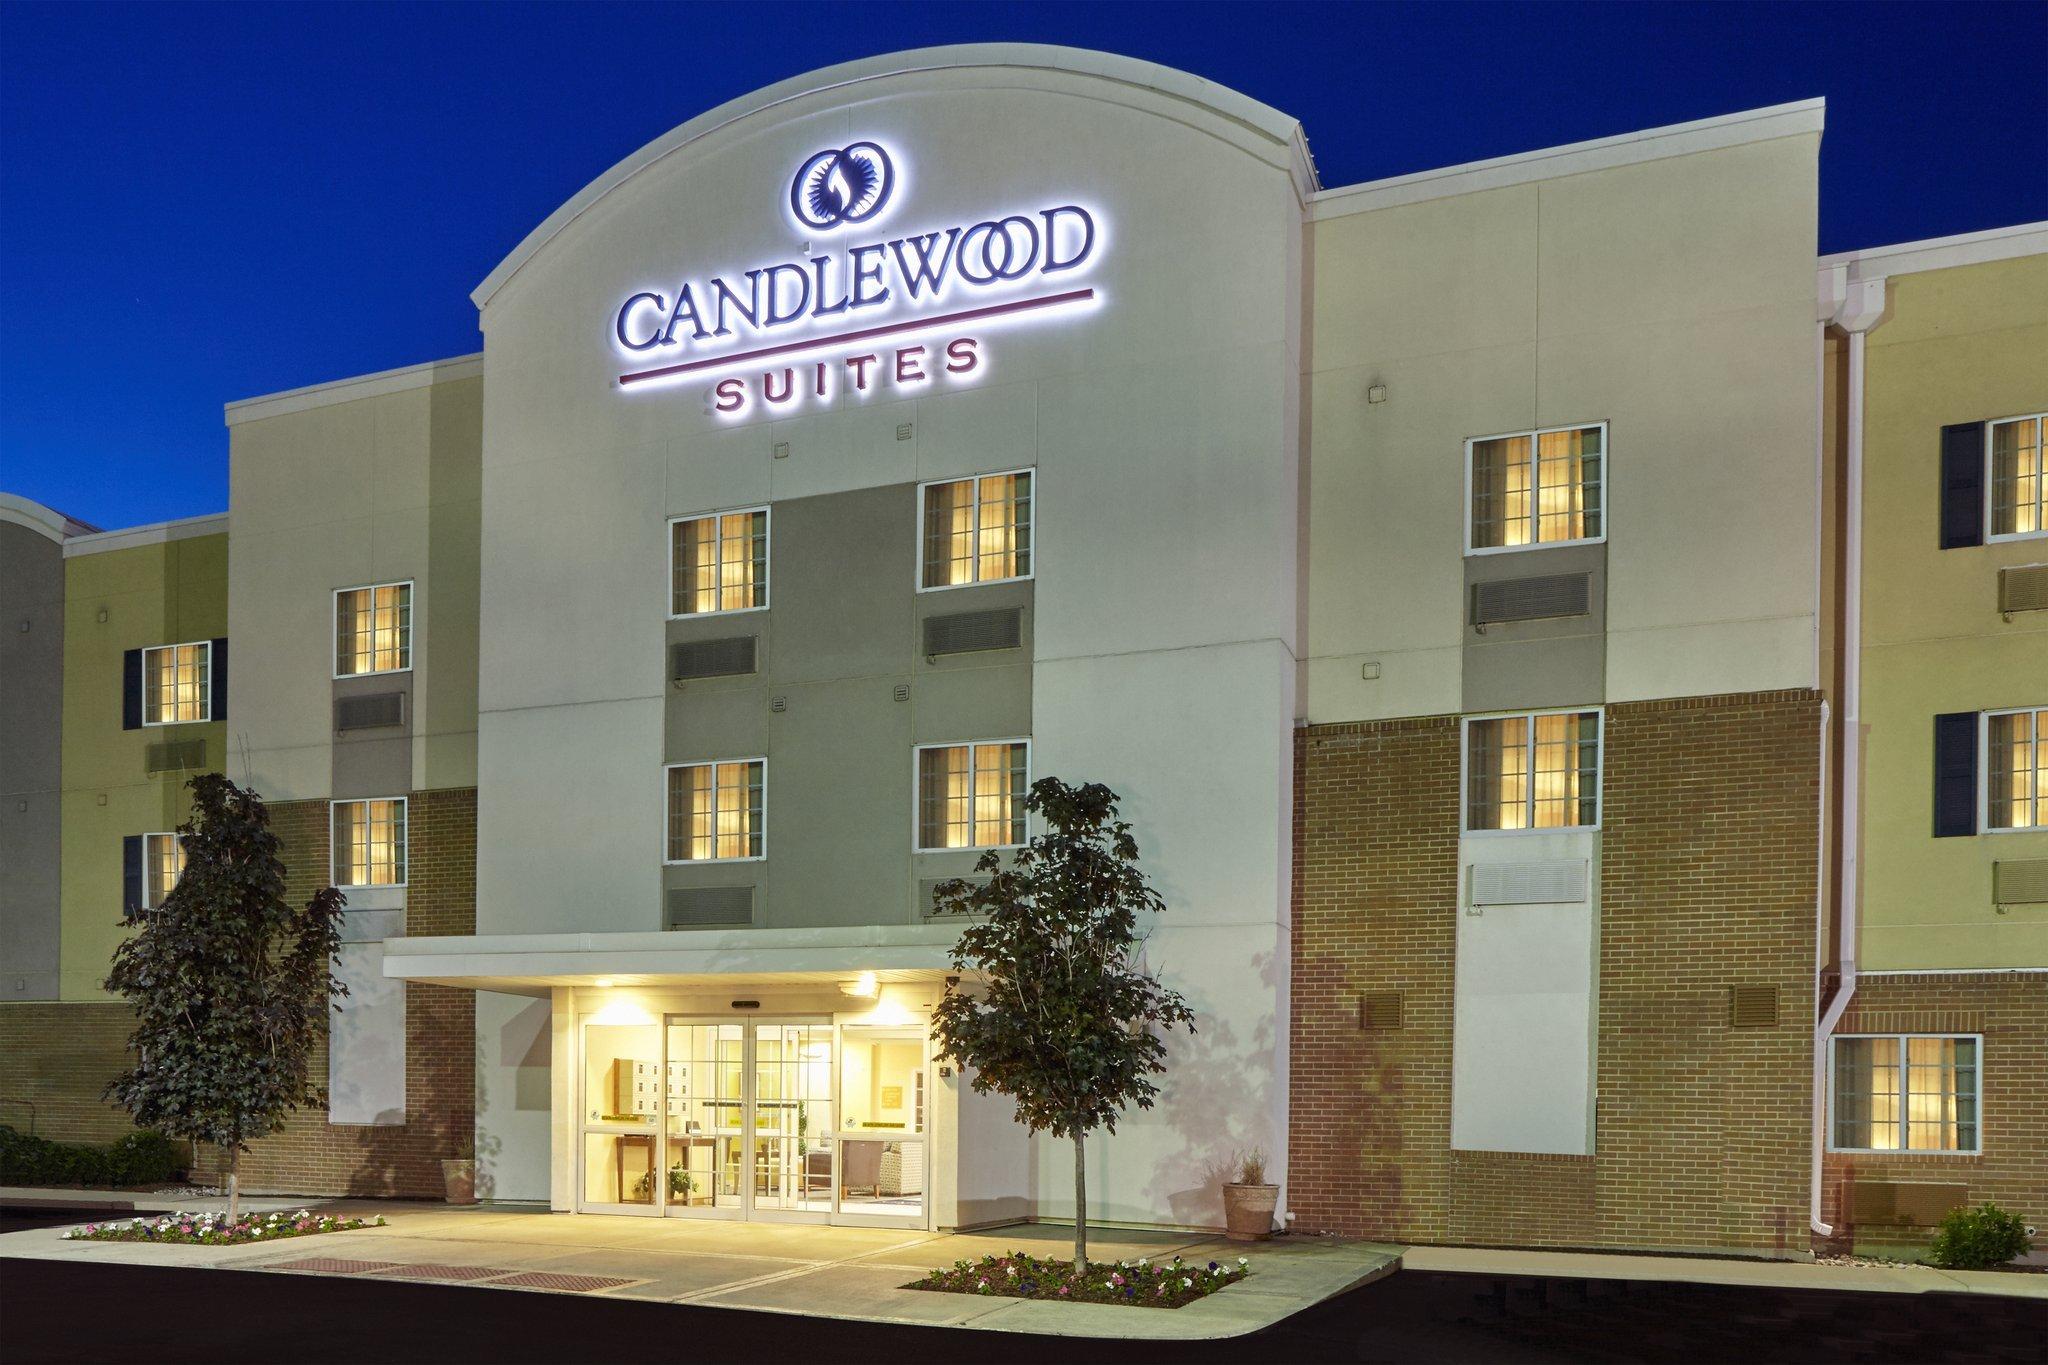 キャンドルウッド スイーツ オーロラ ネーパーヴィル ホテル